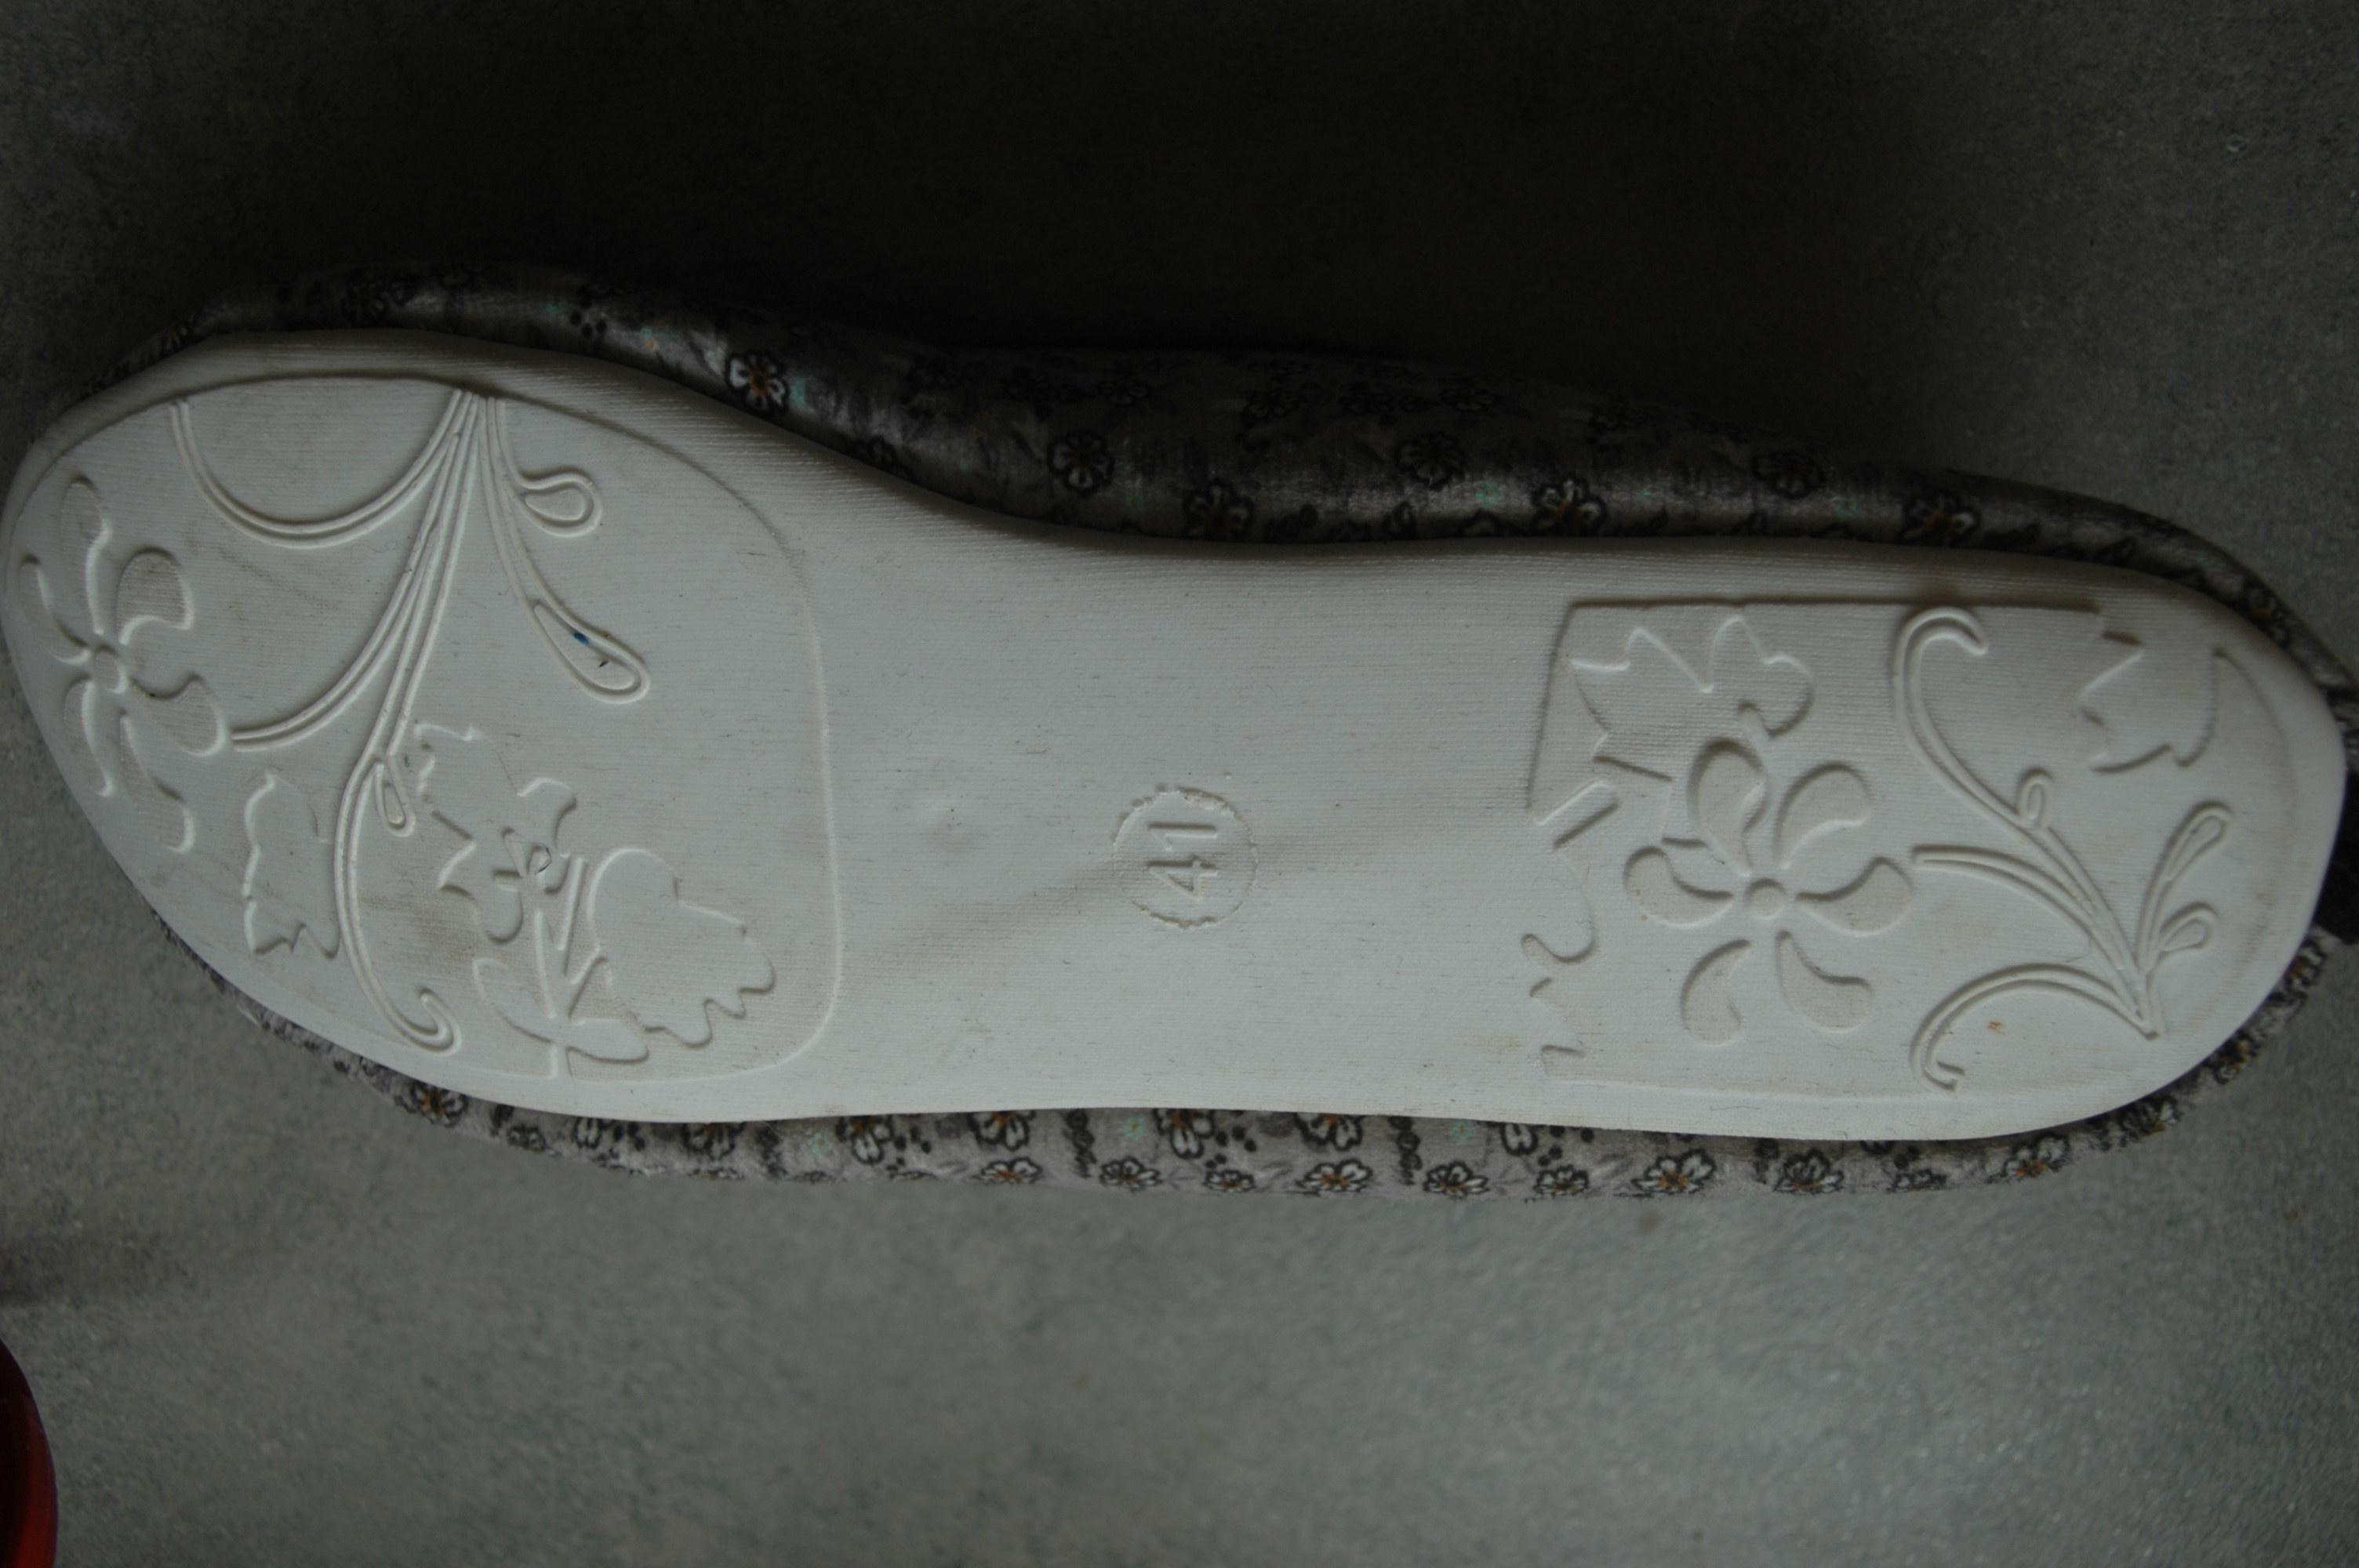 troc de troc reserve   chaussons taille 40 image 1